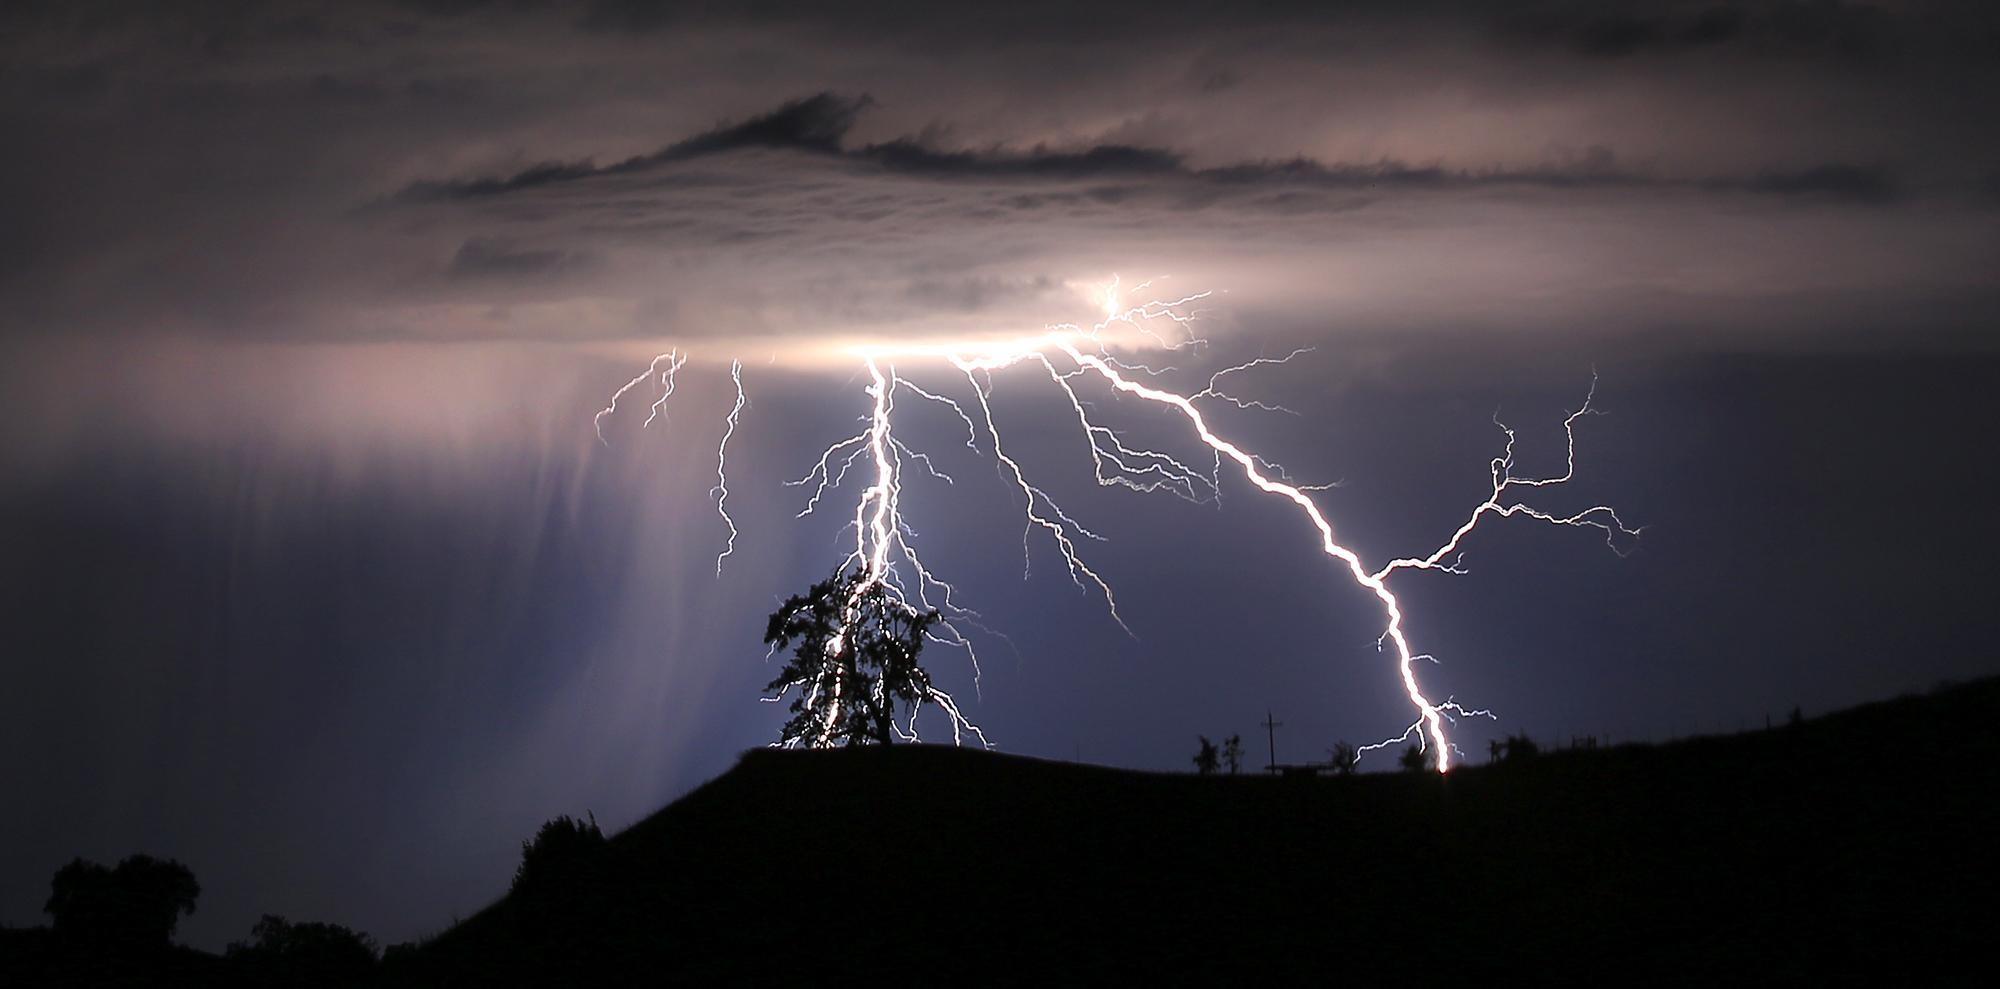 Nel sud Italia in due giorni sono caduti più di 10 000 fulmini